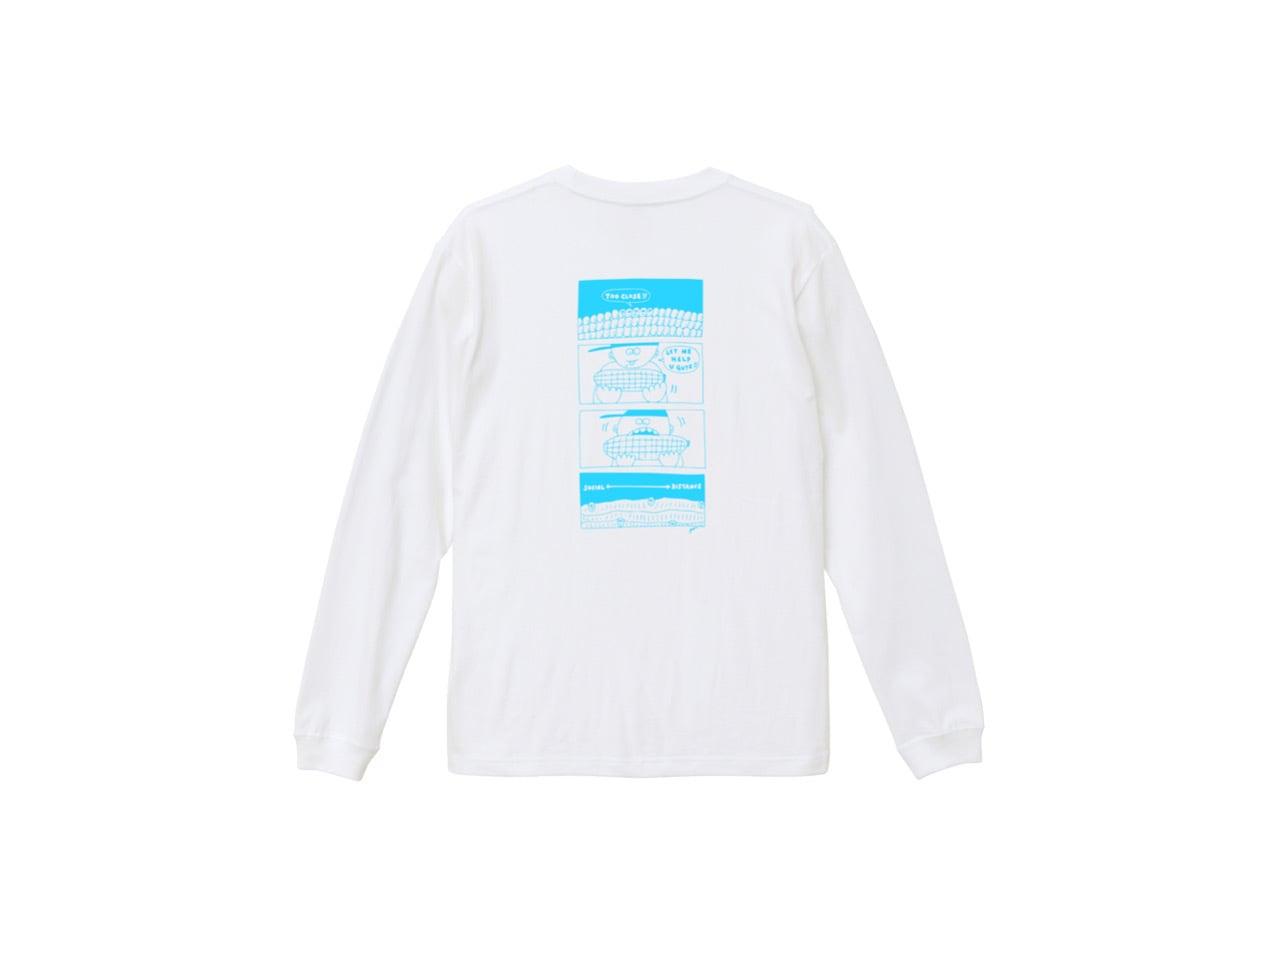 SHI × coguchi Corn SD long T-shirt (WH/LBL)